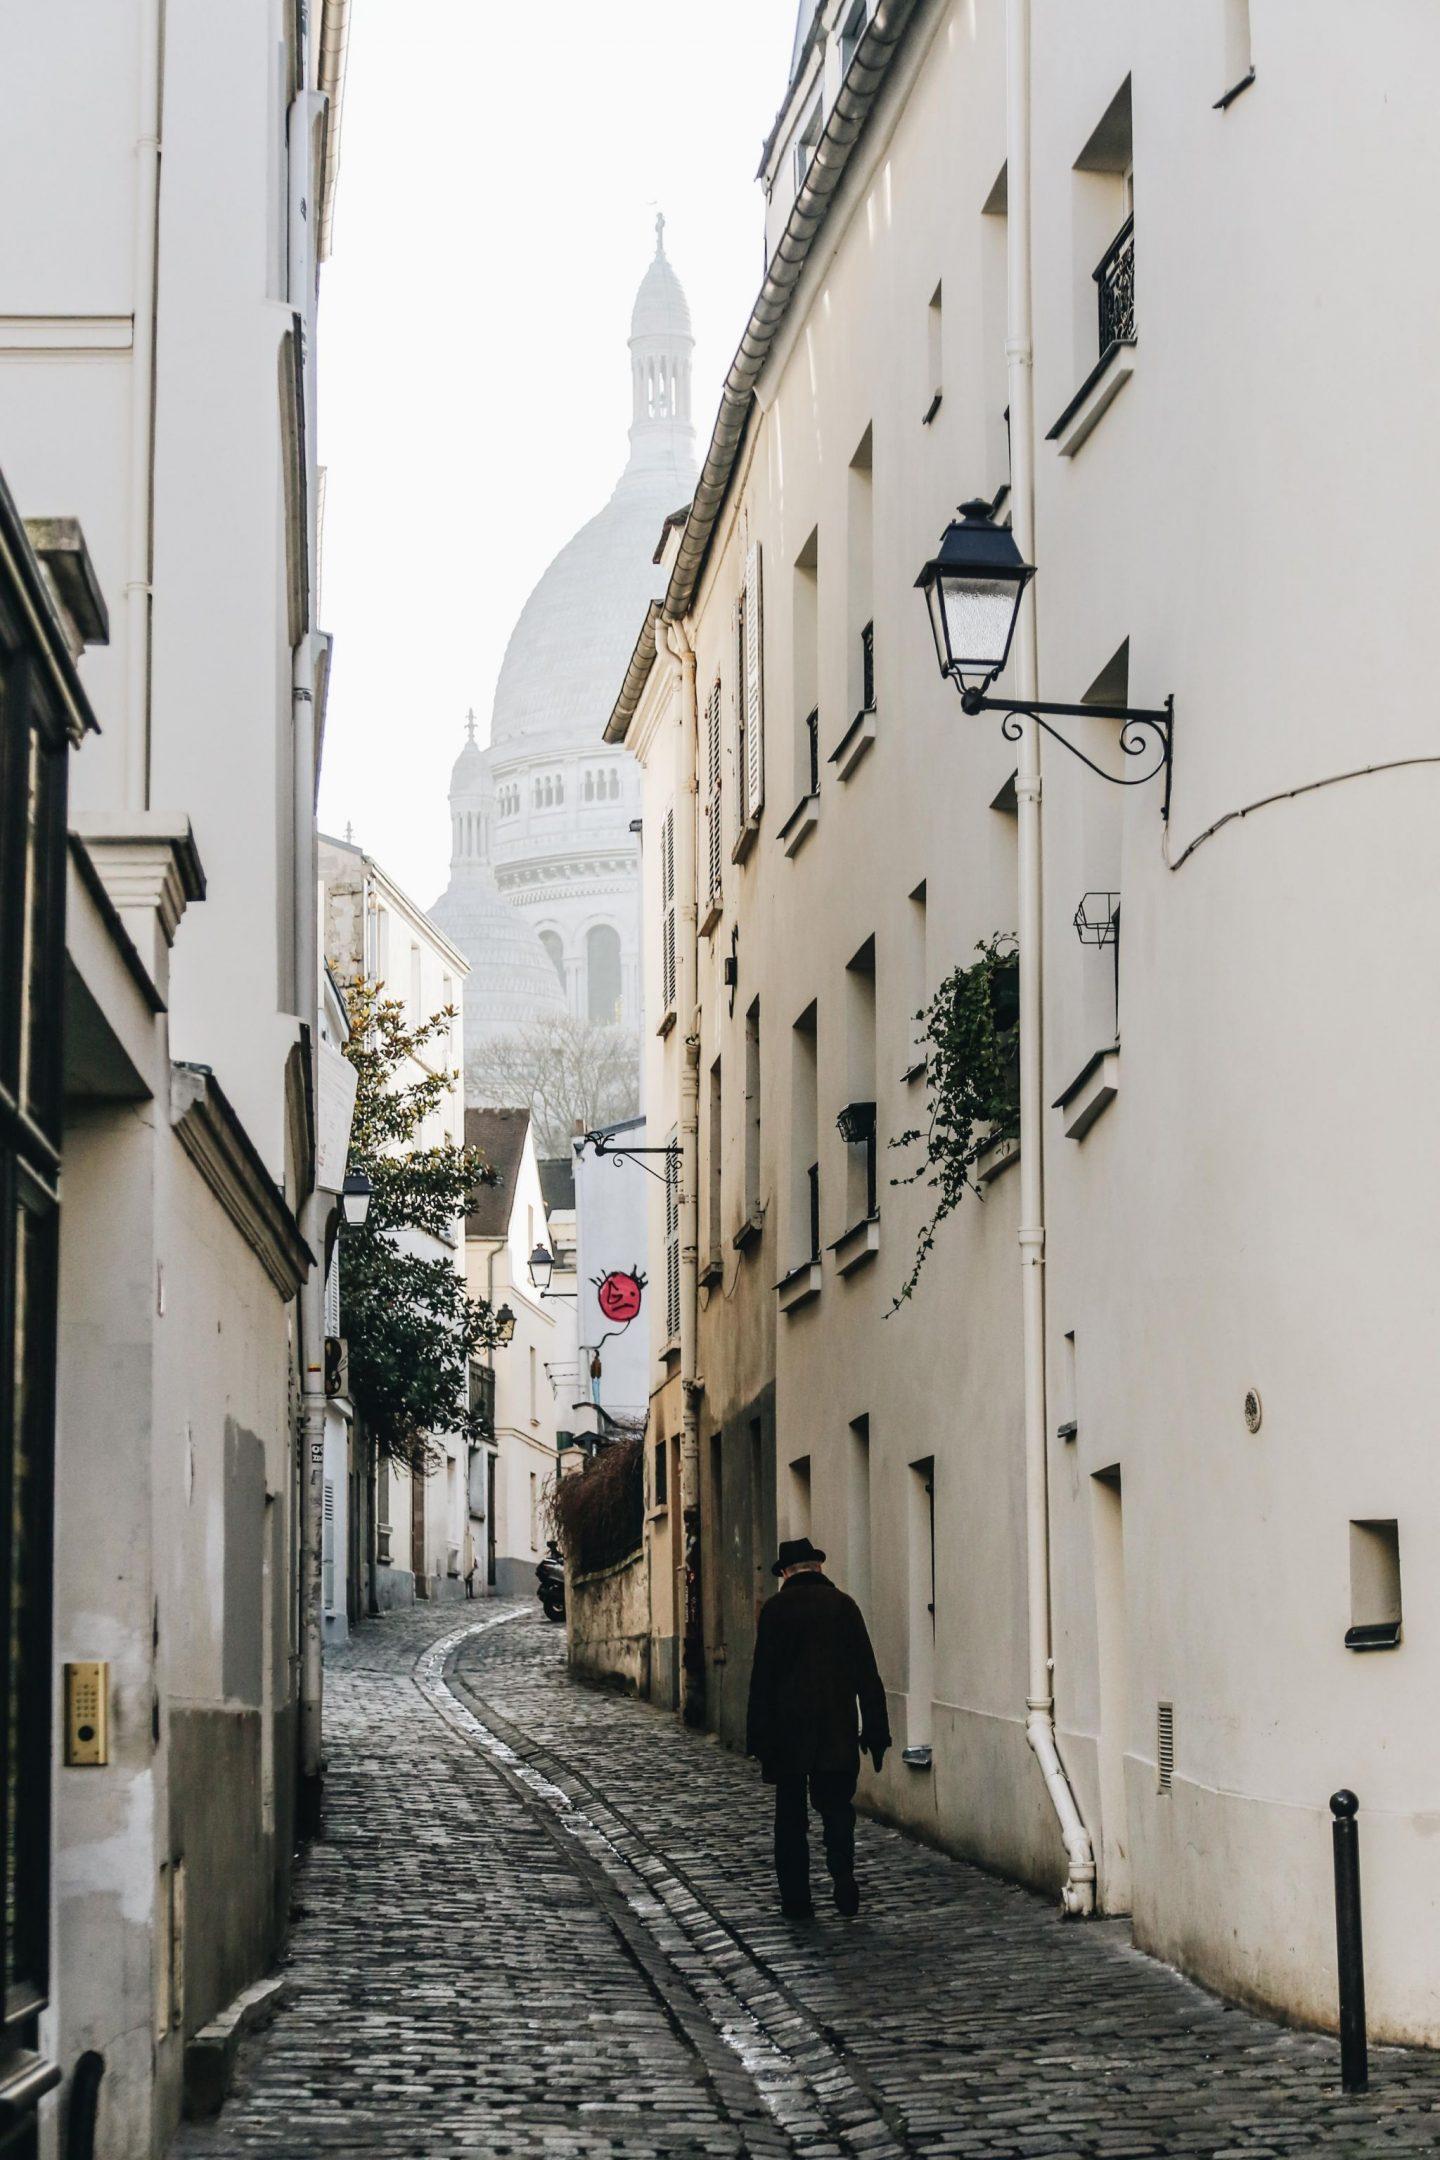 paris, montmartre, sacré-coeur, buildings, street, man, view